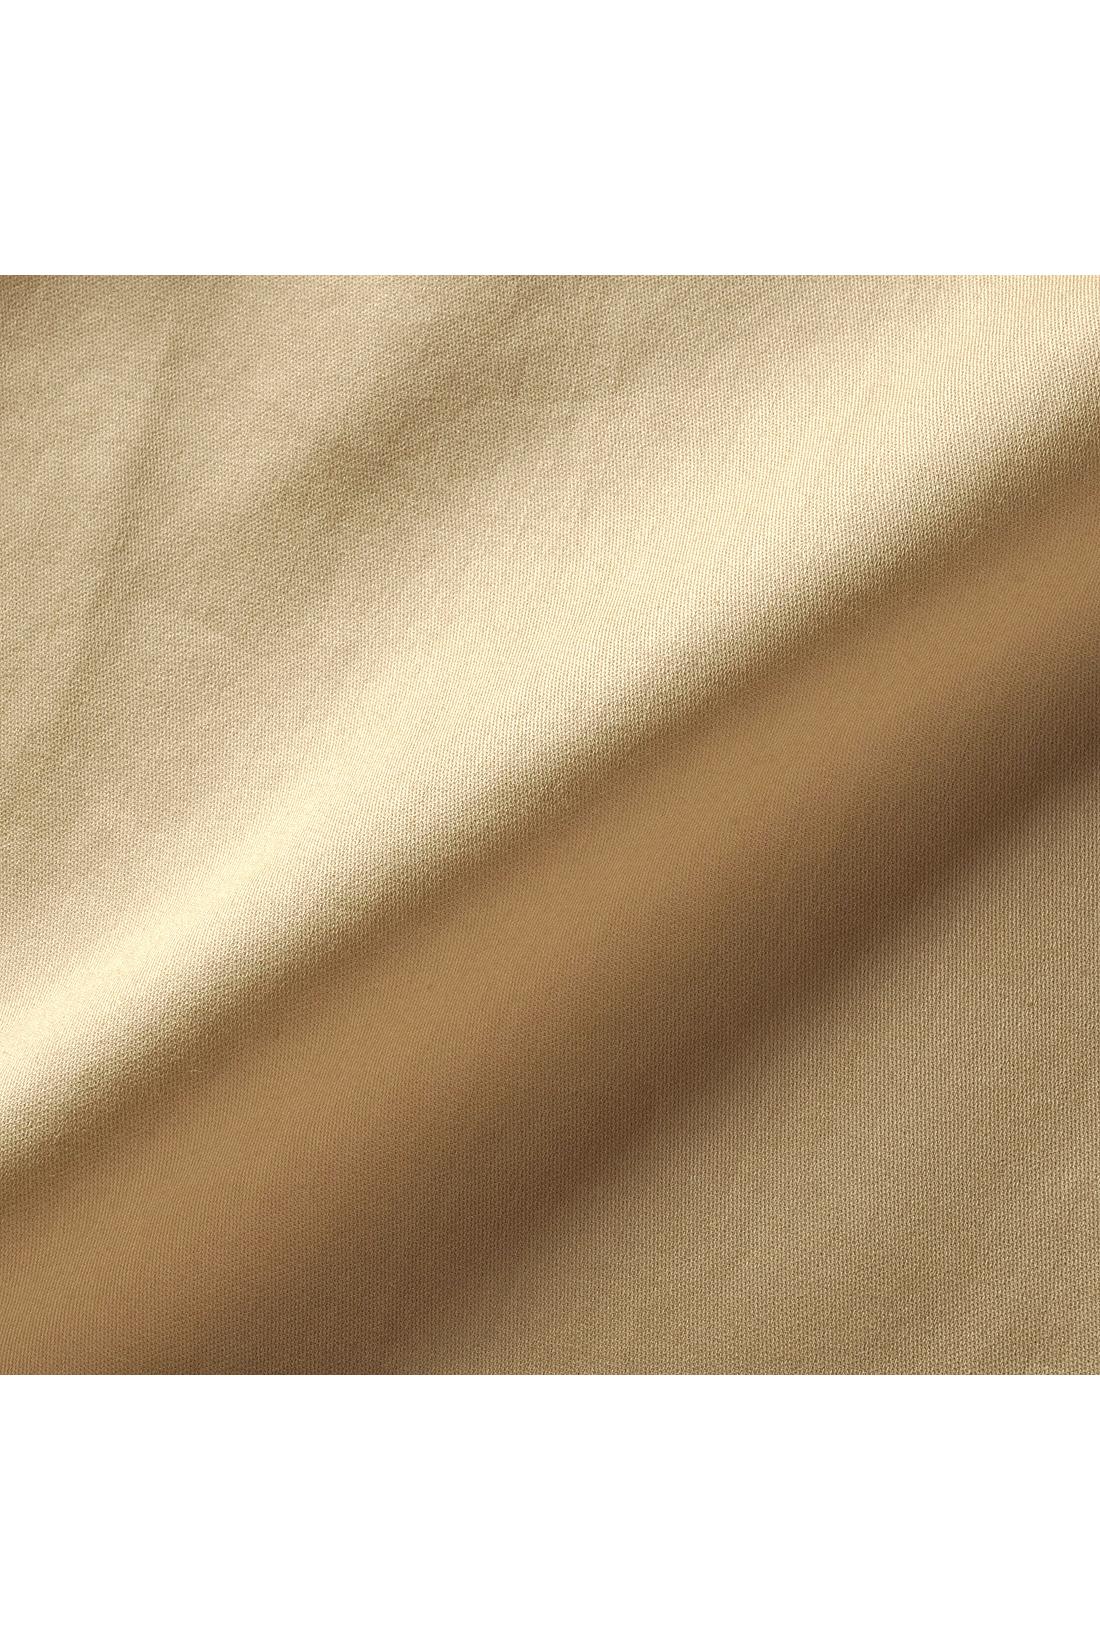 肌に心地いい綿100%のこだわり布はく素材。ほどよい光沢とハリ感で上品でクリーンな印象に。